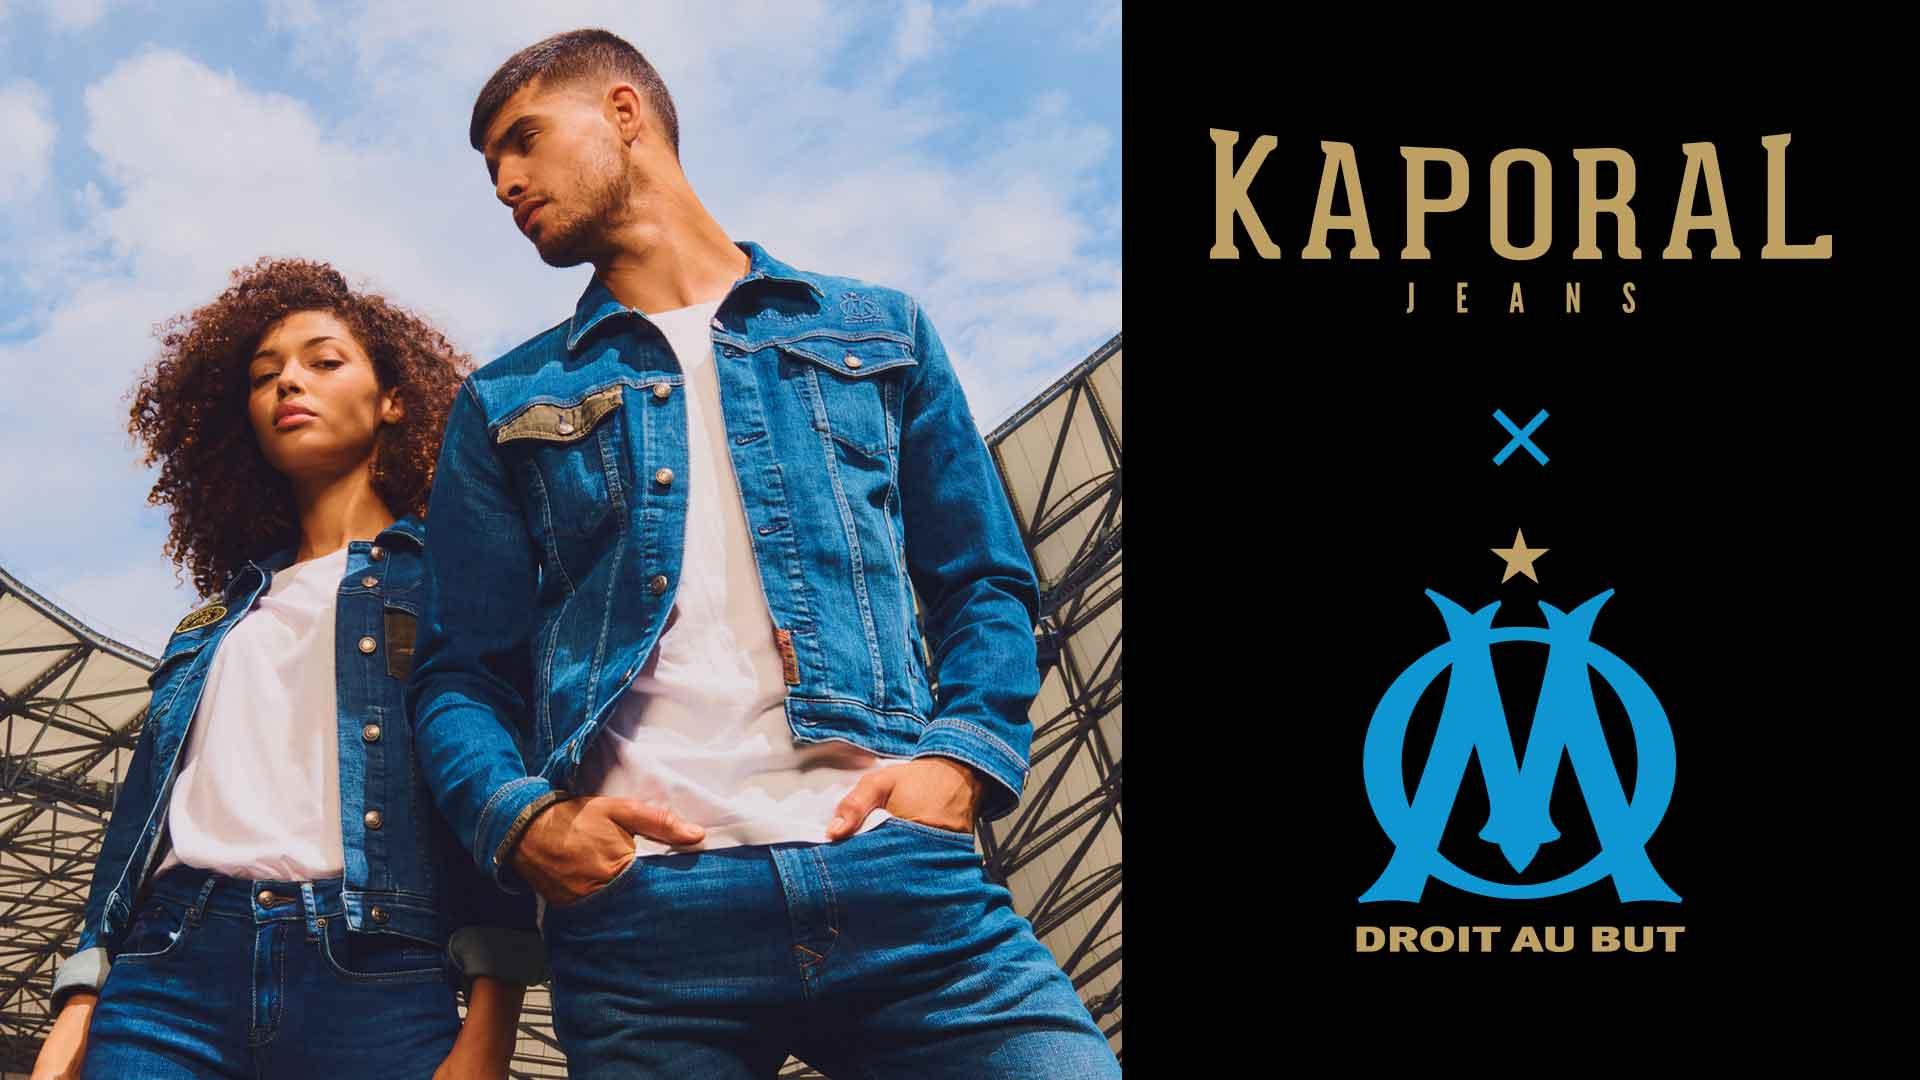 Kaporal Jeans x OM : Le match parfait | OM